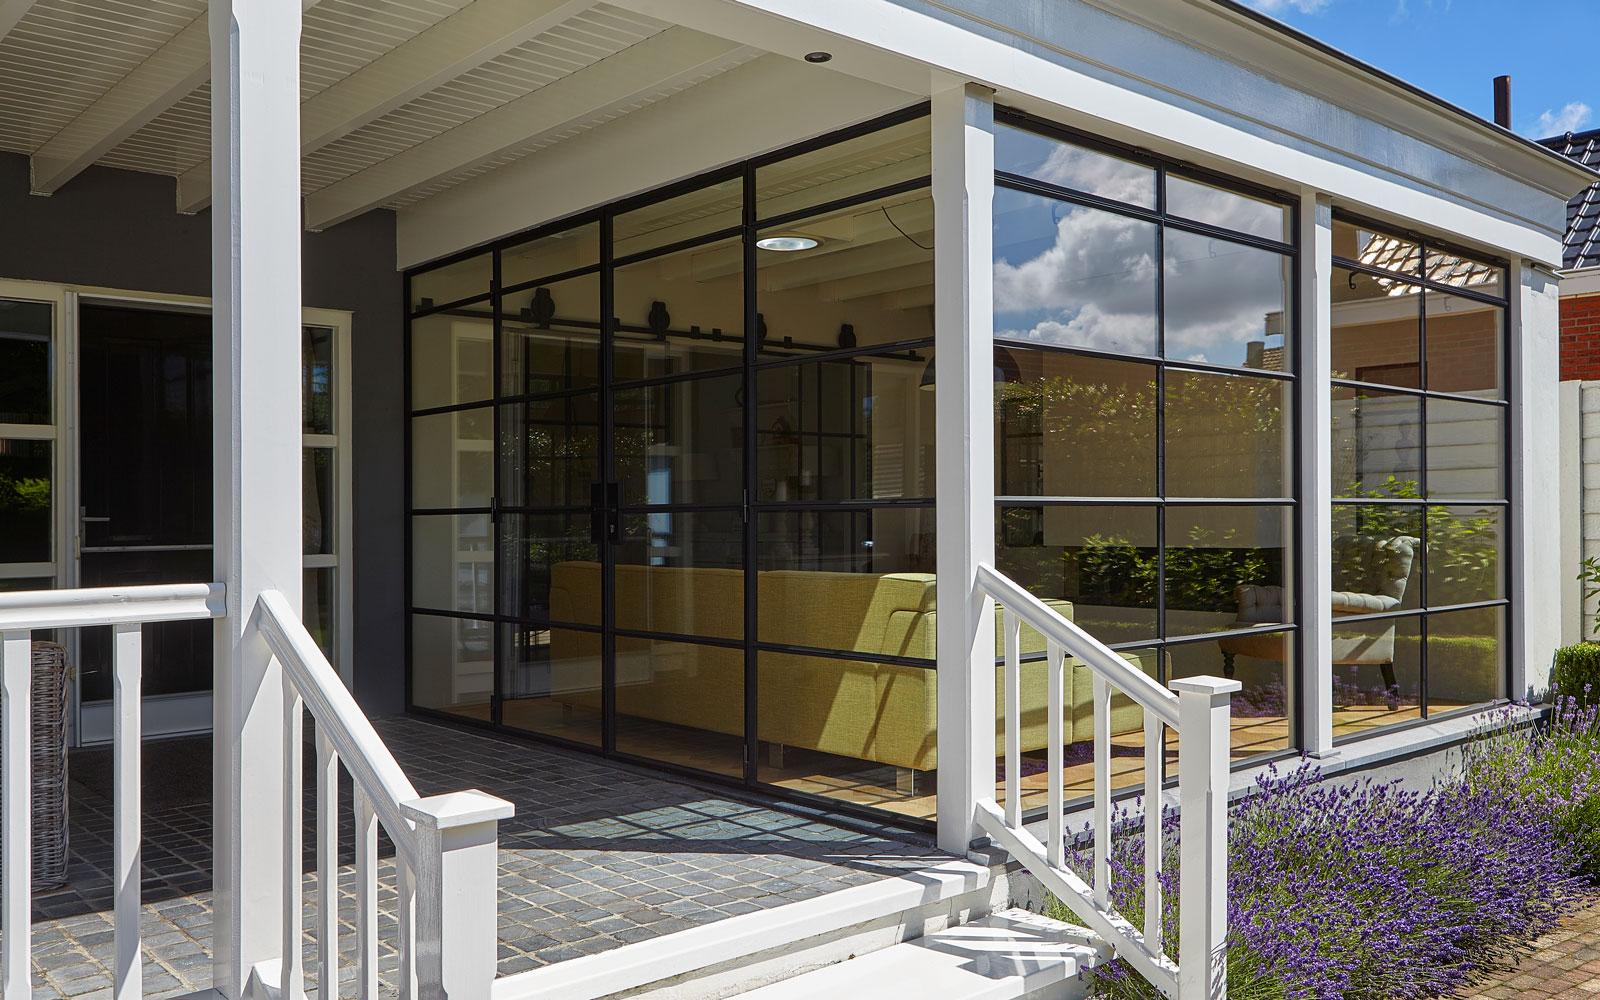 Binnen en buiten lopen in elkaar over, terras, tuinkamer, Stalen Deuren Huys, HR ++ glas, kijkwoning